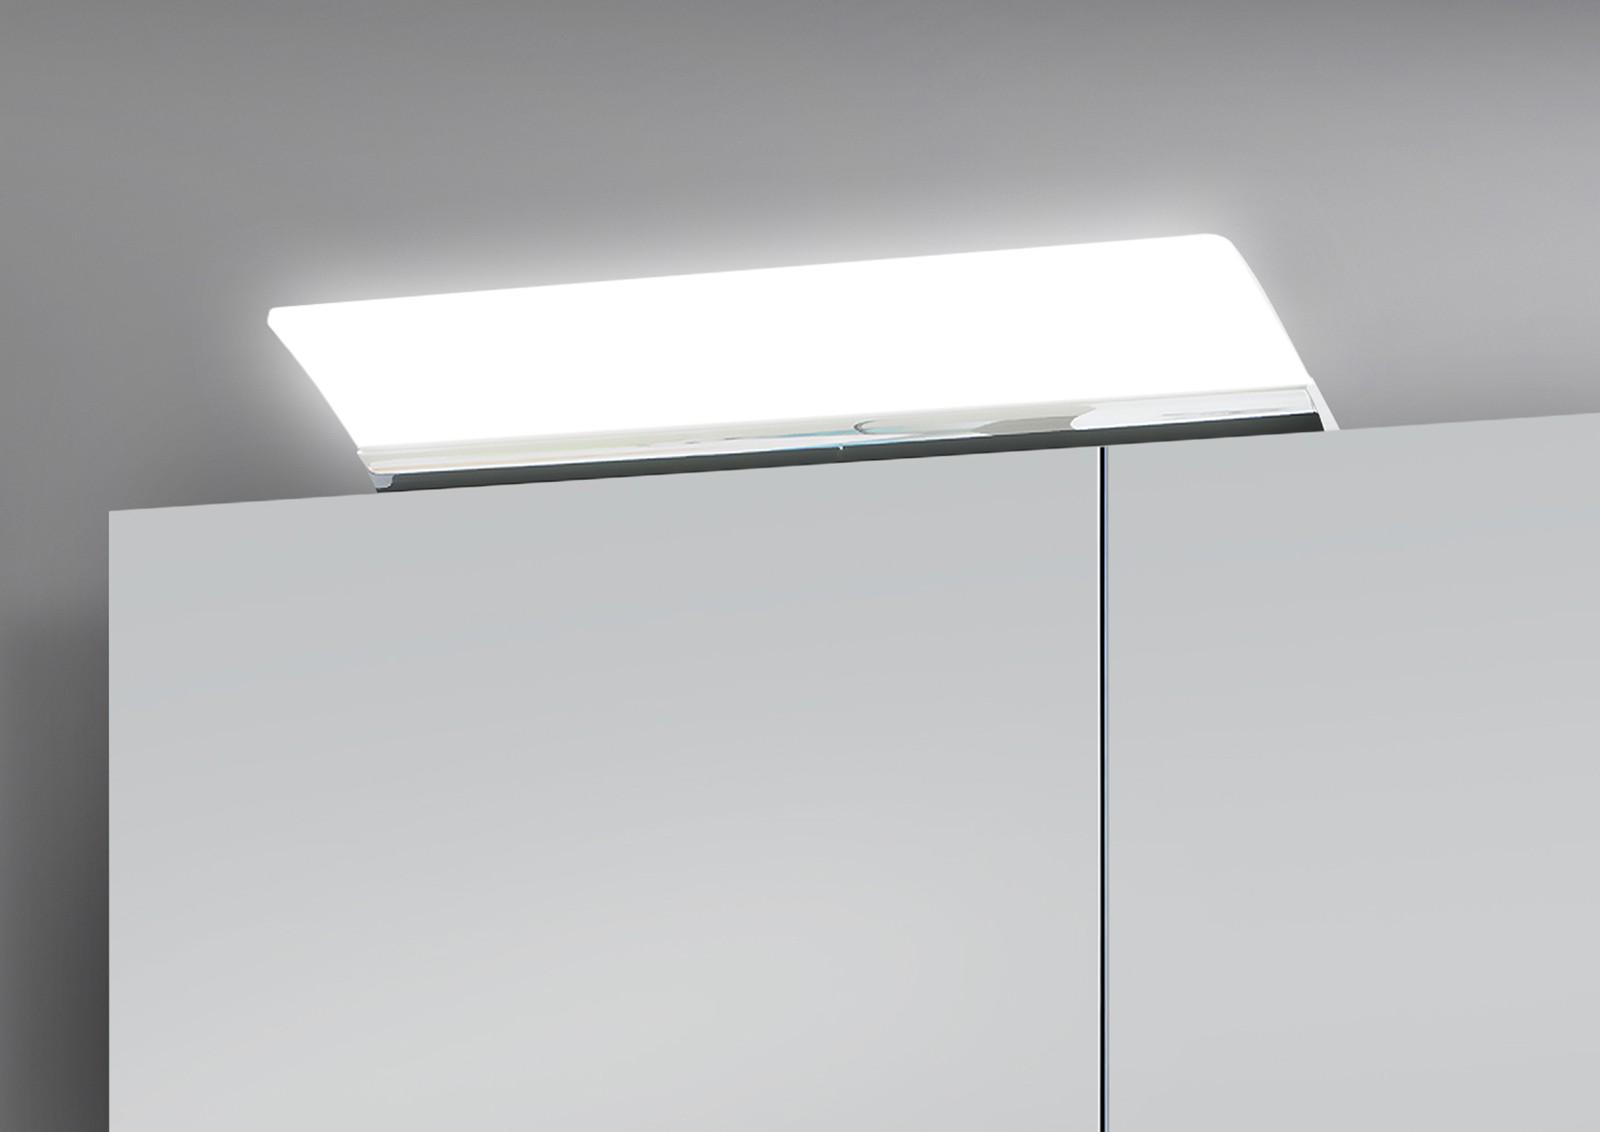 spiegelschrank bad 100 cm led beleuchtung doppelseitig verspiegelt 5200. Black Bedroom Furniture Sets. Home Design Ideas